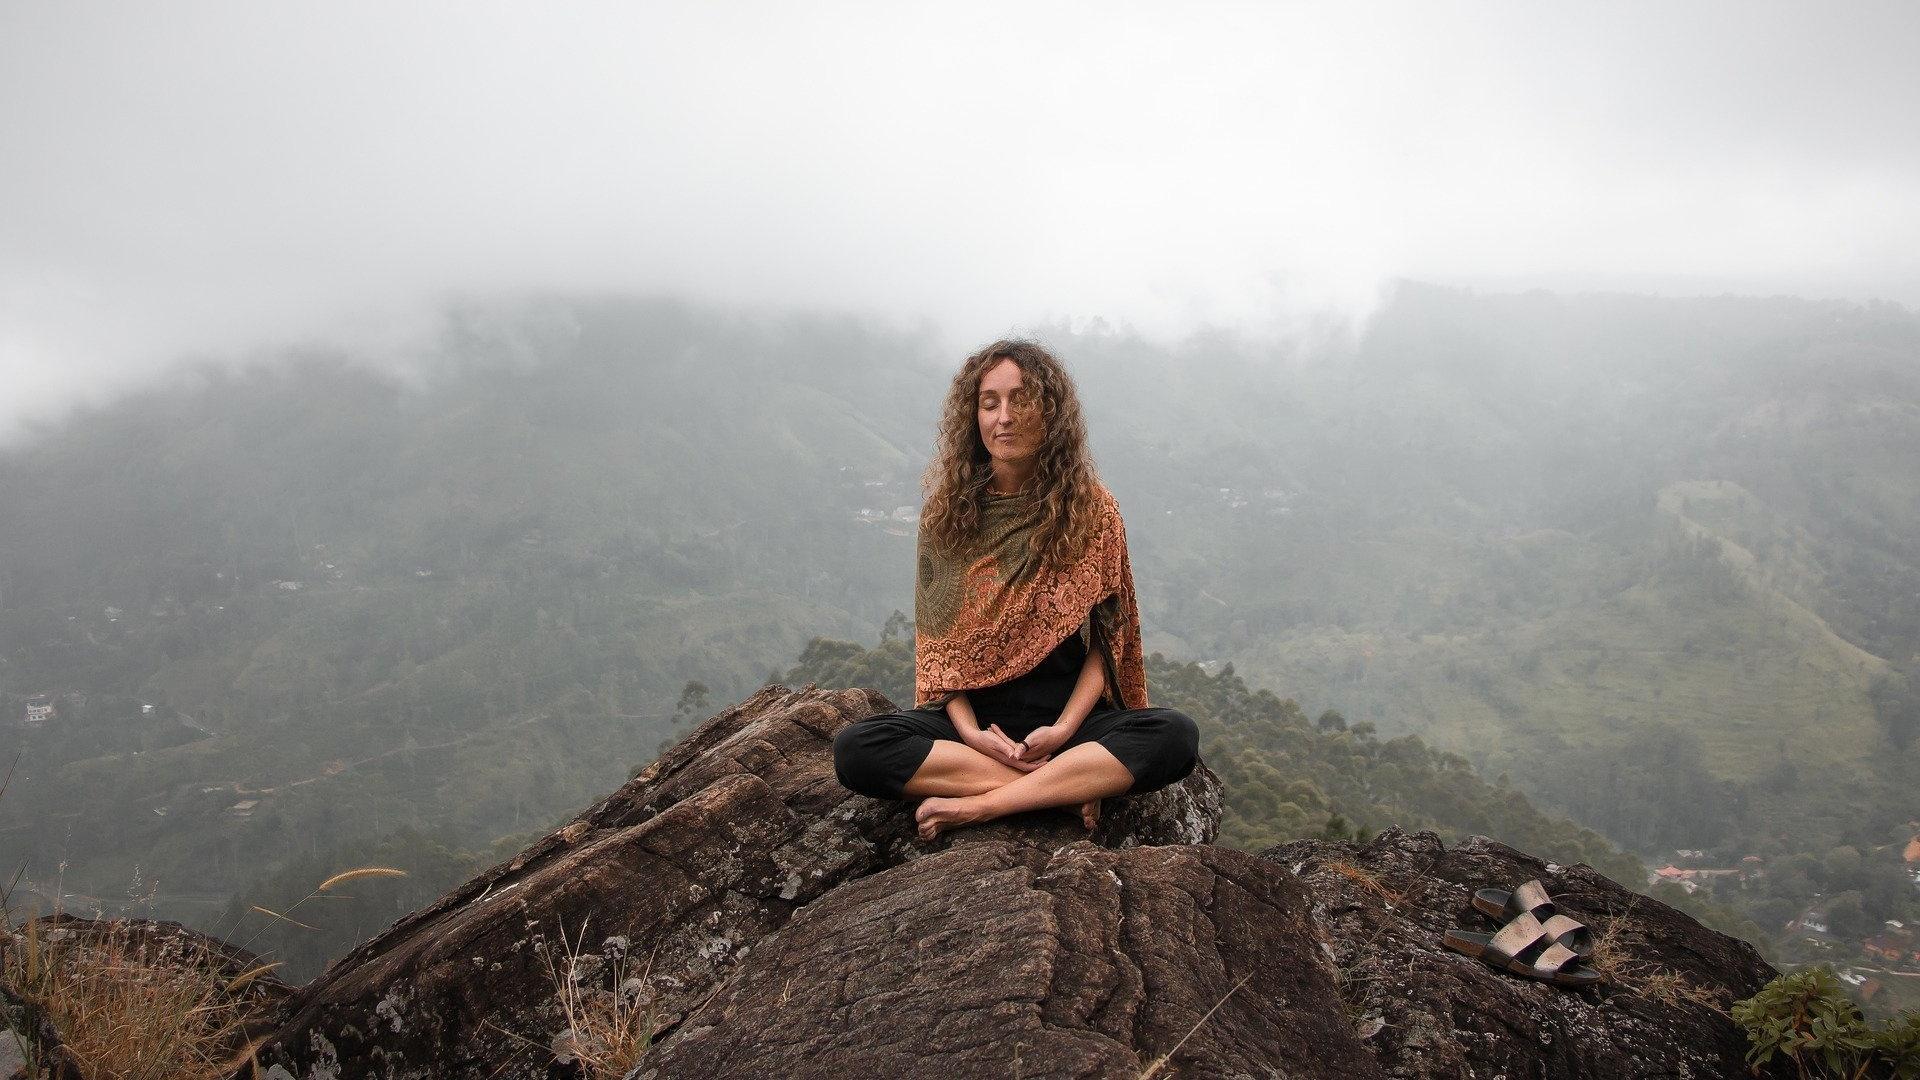 Die Ho'oponopono-Meditation ist ein altes, hawaiianisches Ritual, bei dem um Vergebung gebeten wird.